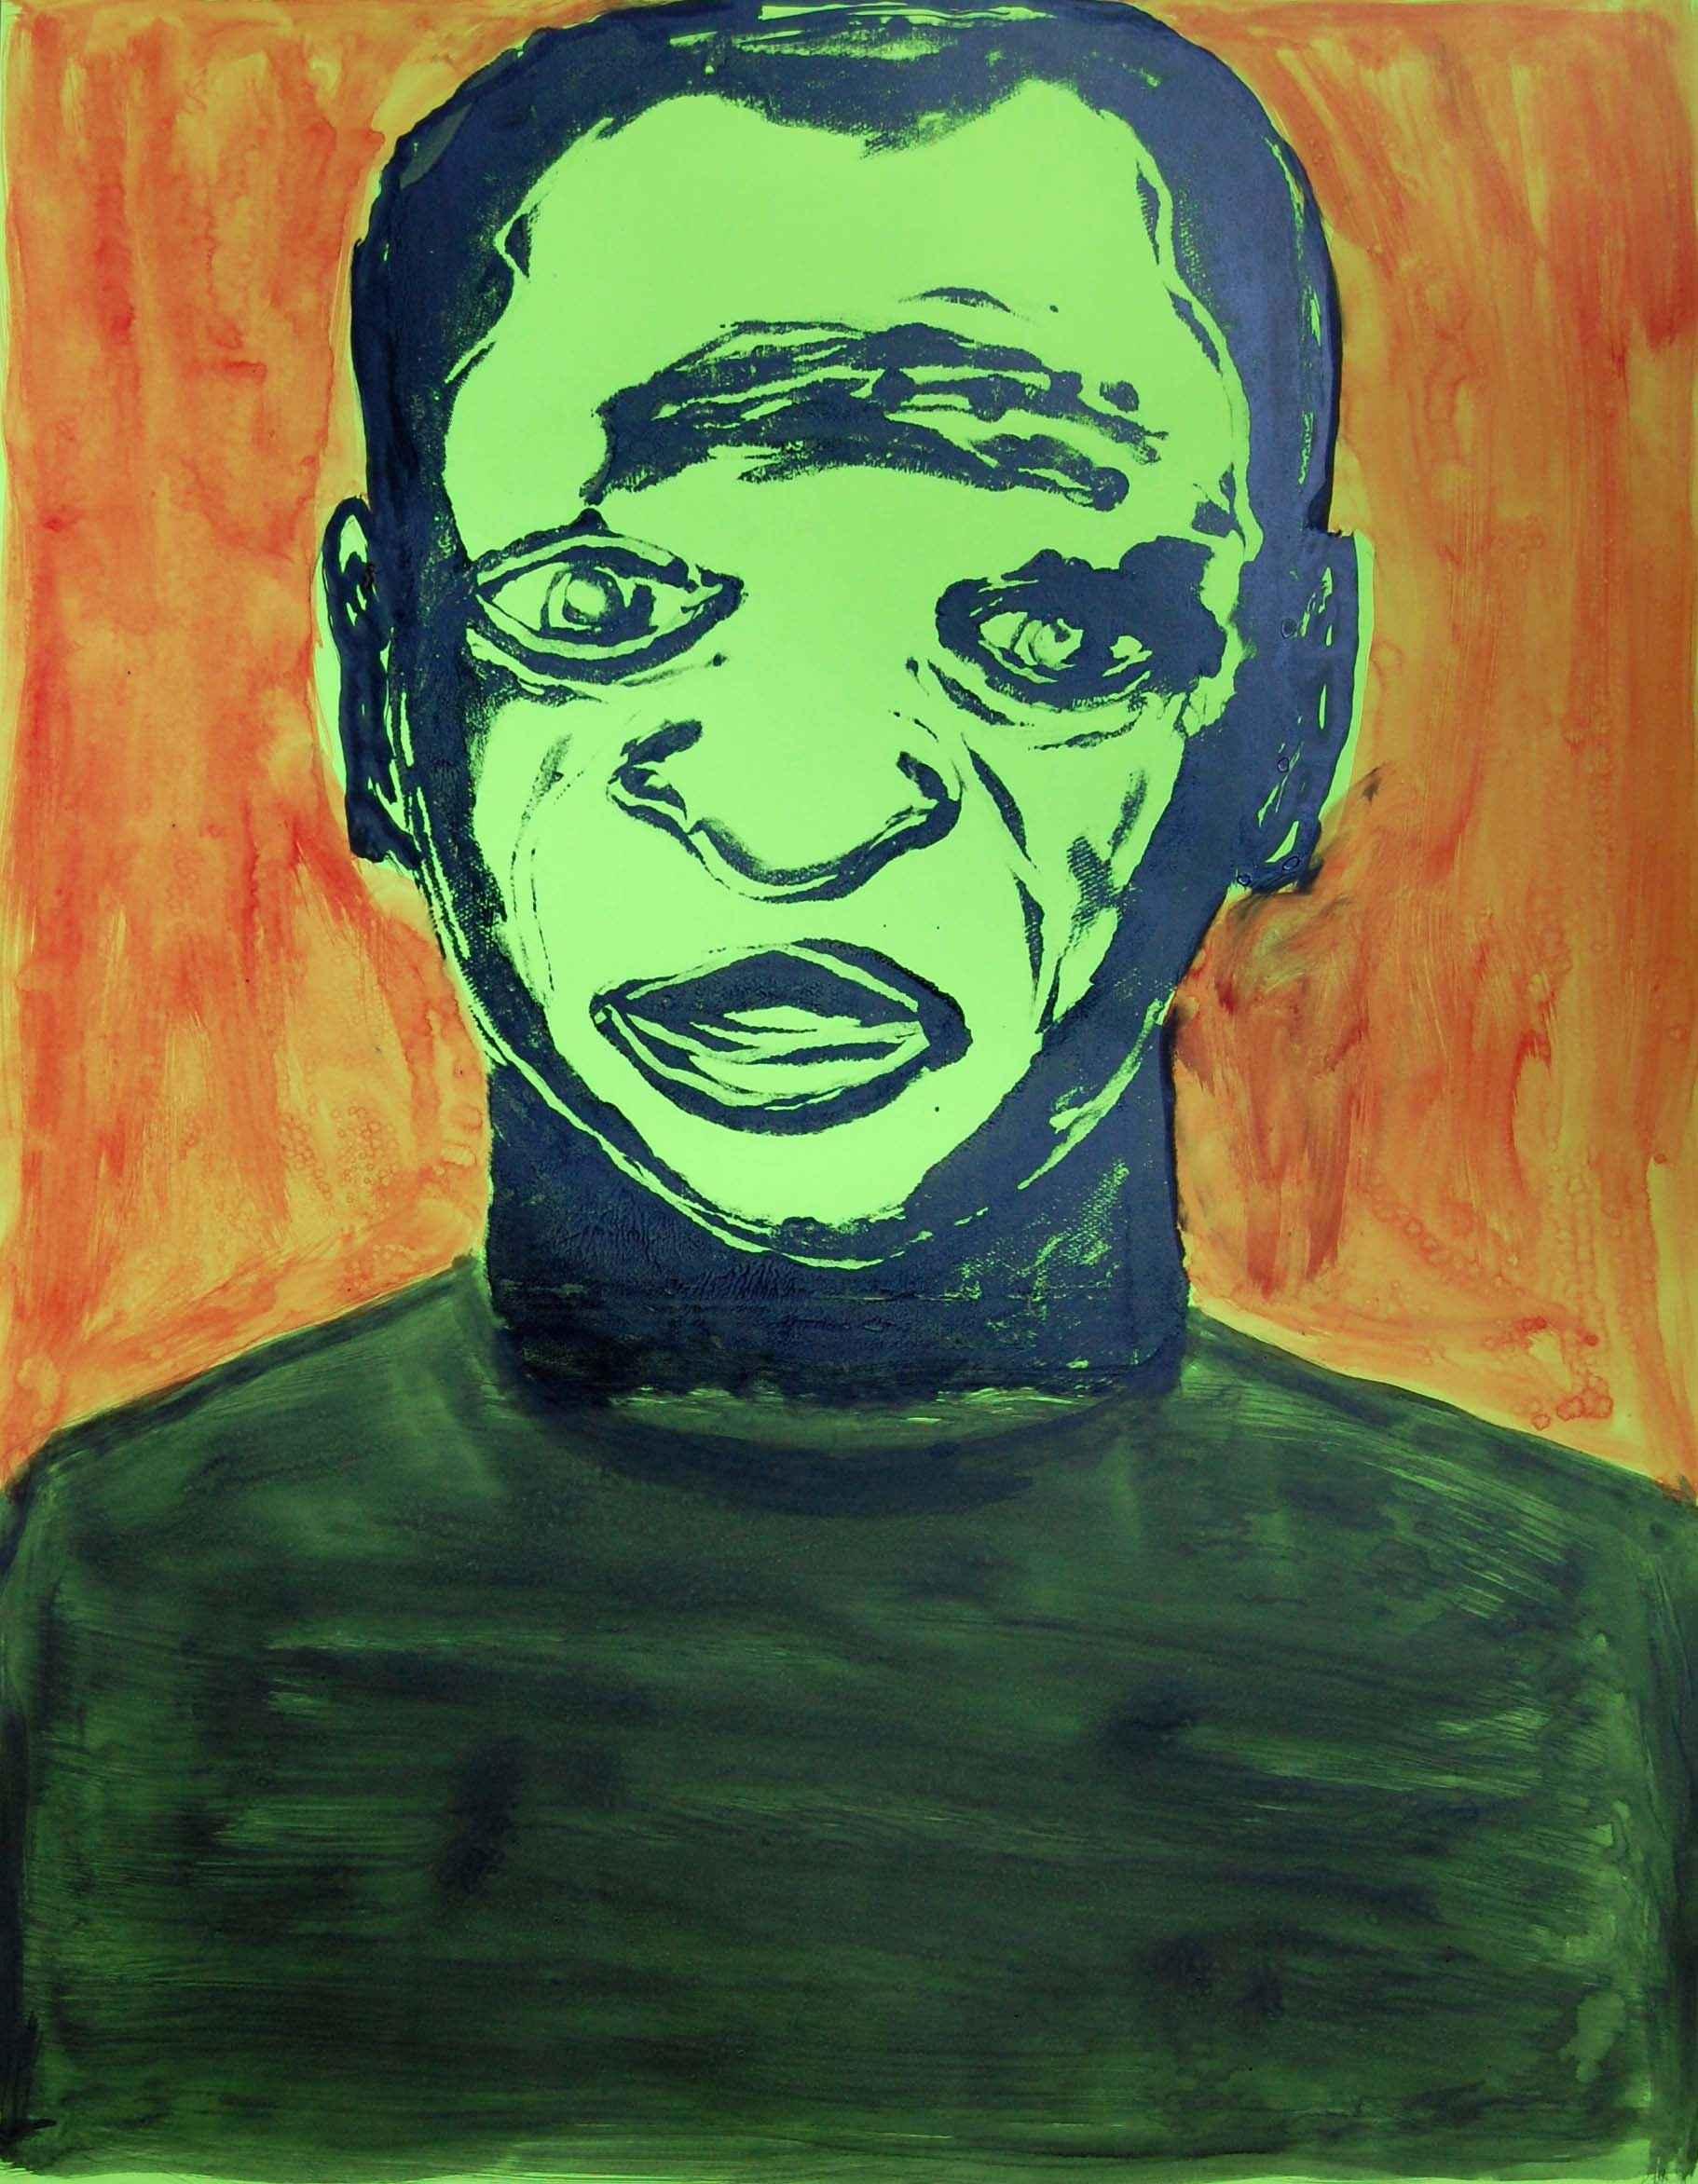 Green Man by  Patrick Ganthier KILLY - Masterpiece Online